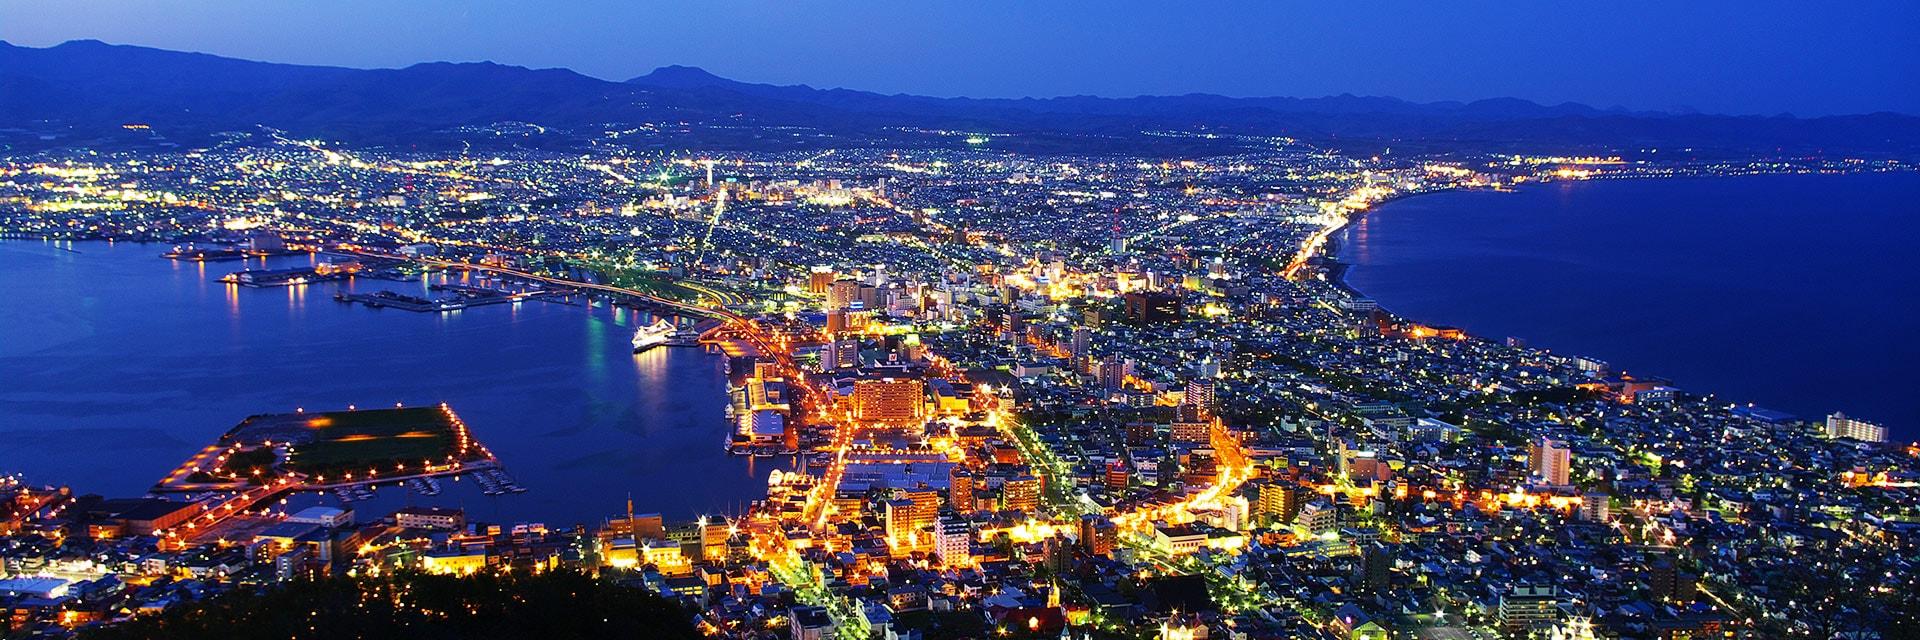 日本、北海道、函館夜景